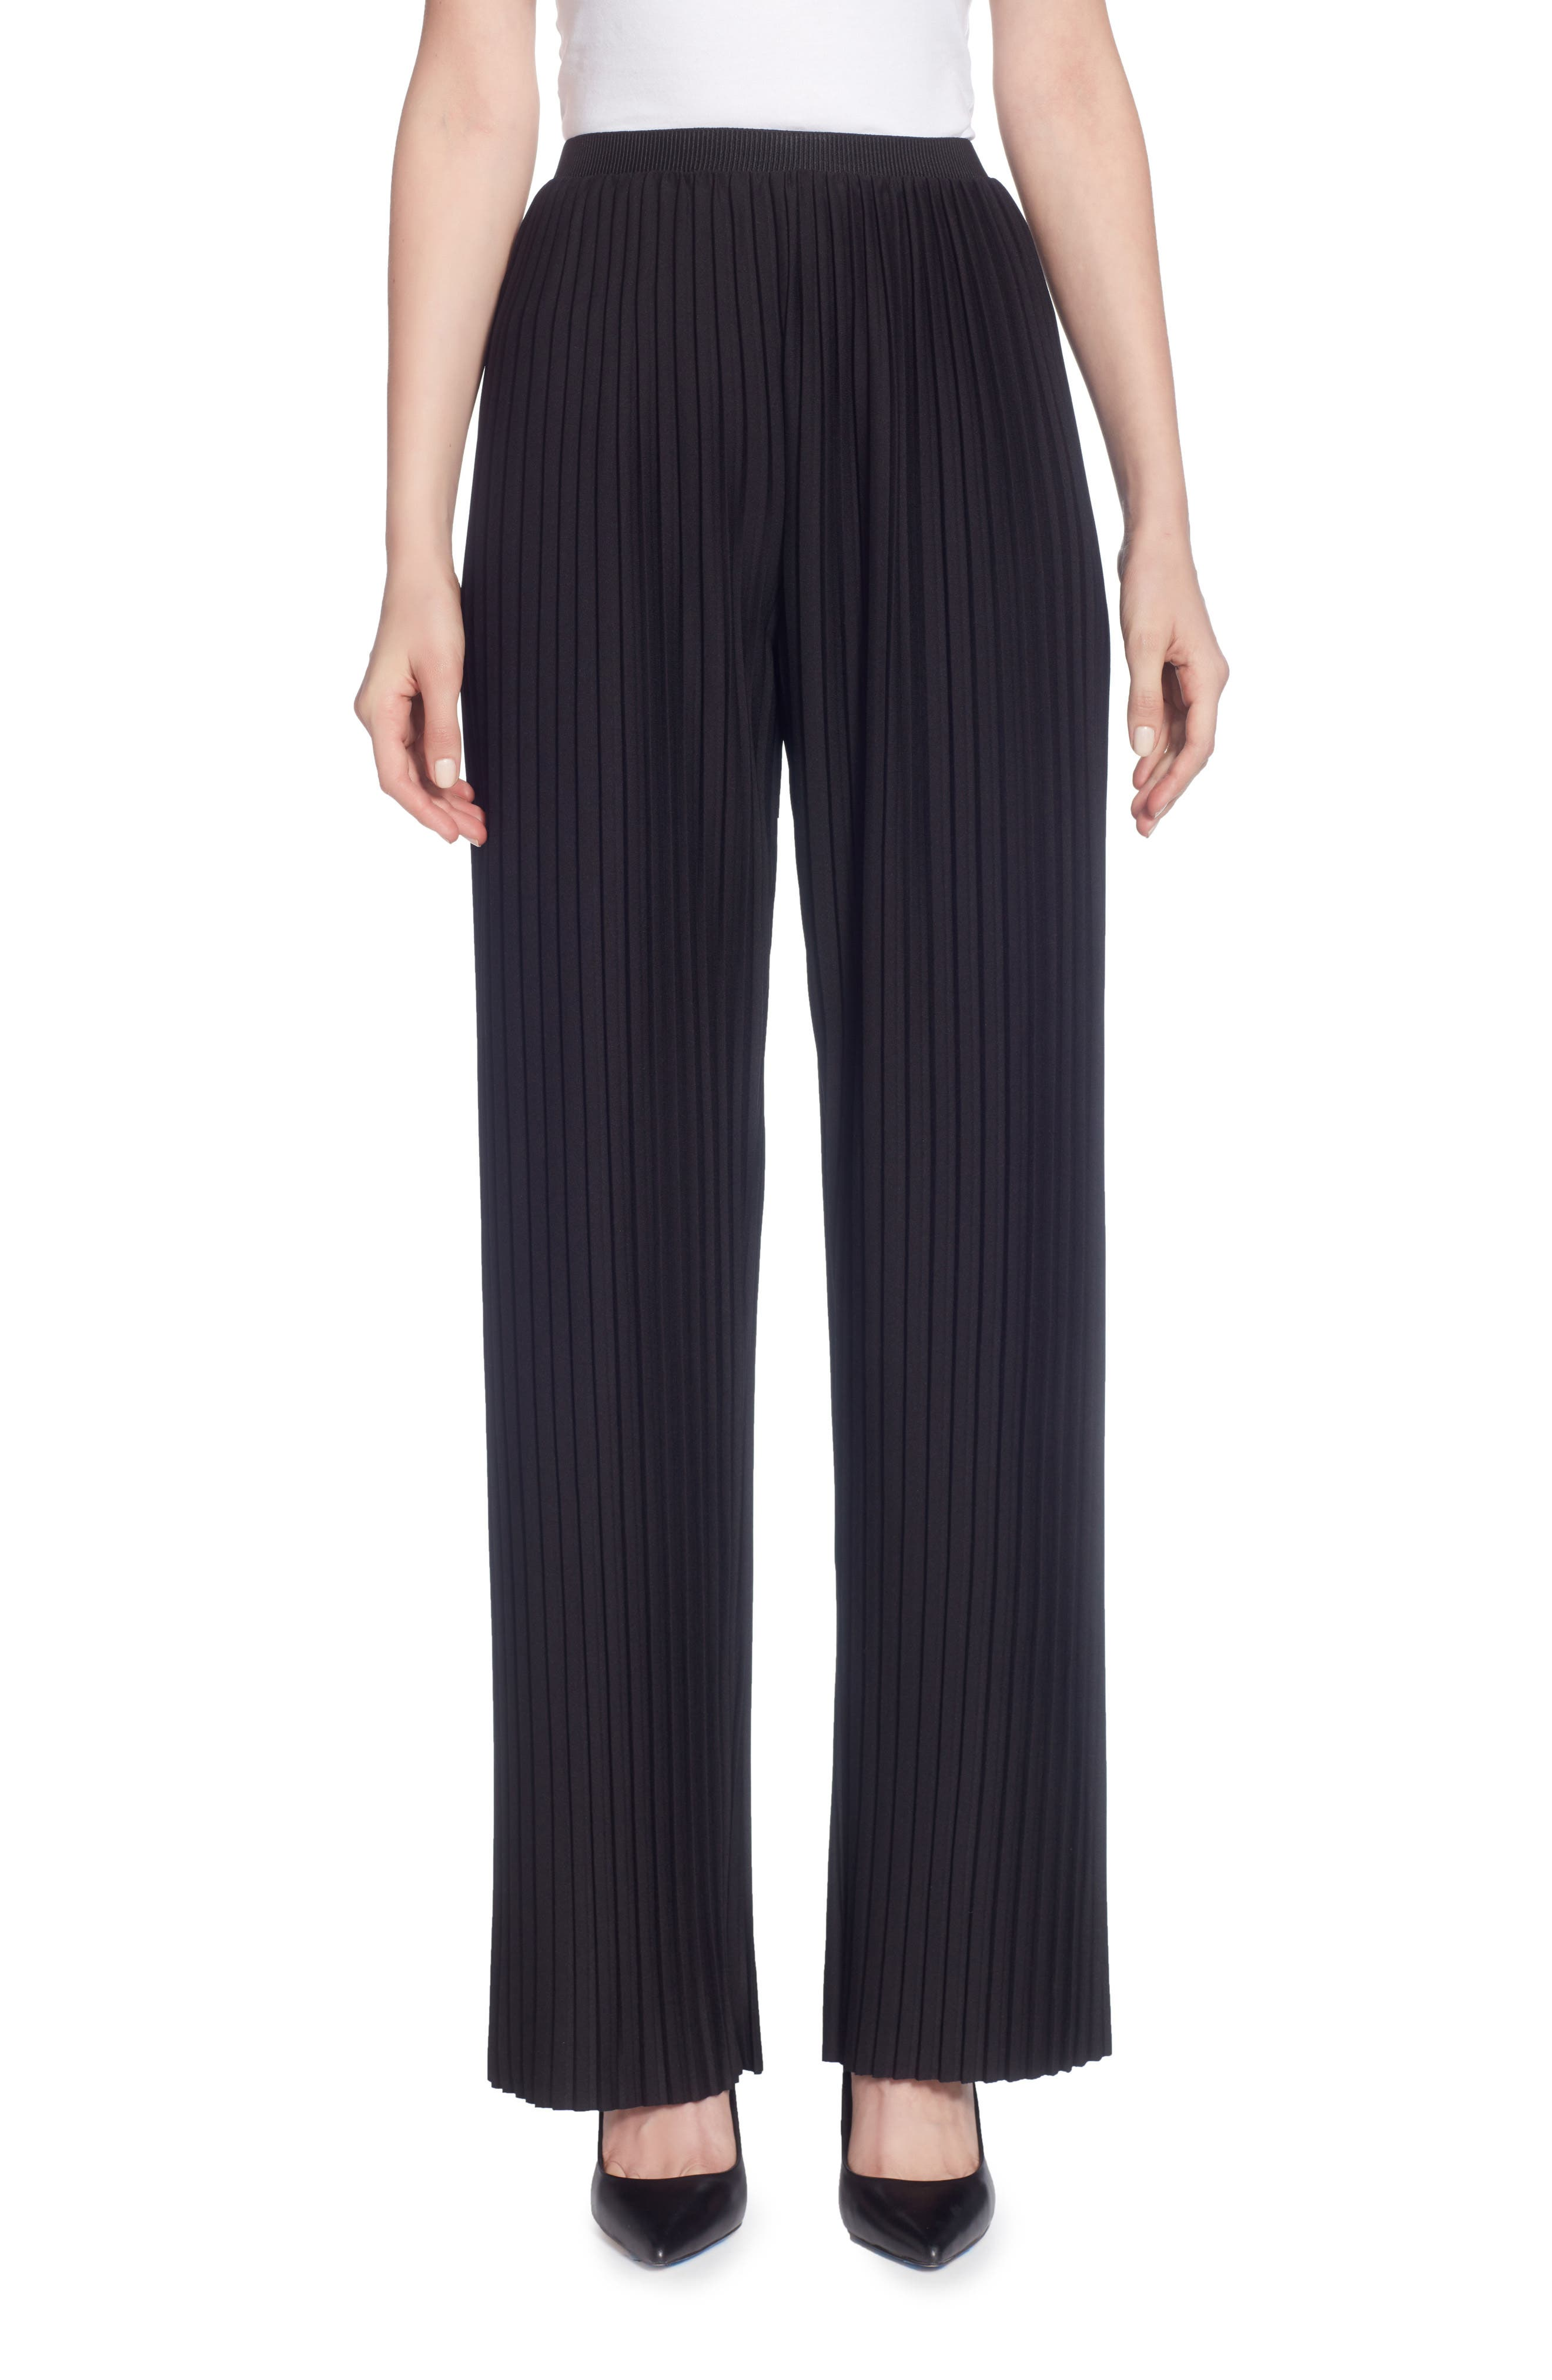 Nielson Pleat Pants,                         Main,                         color, 001